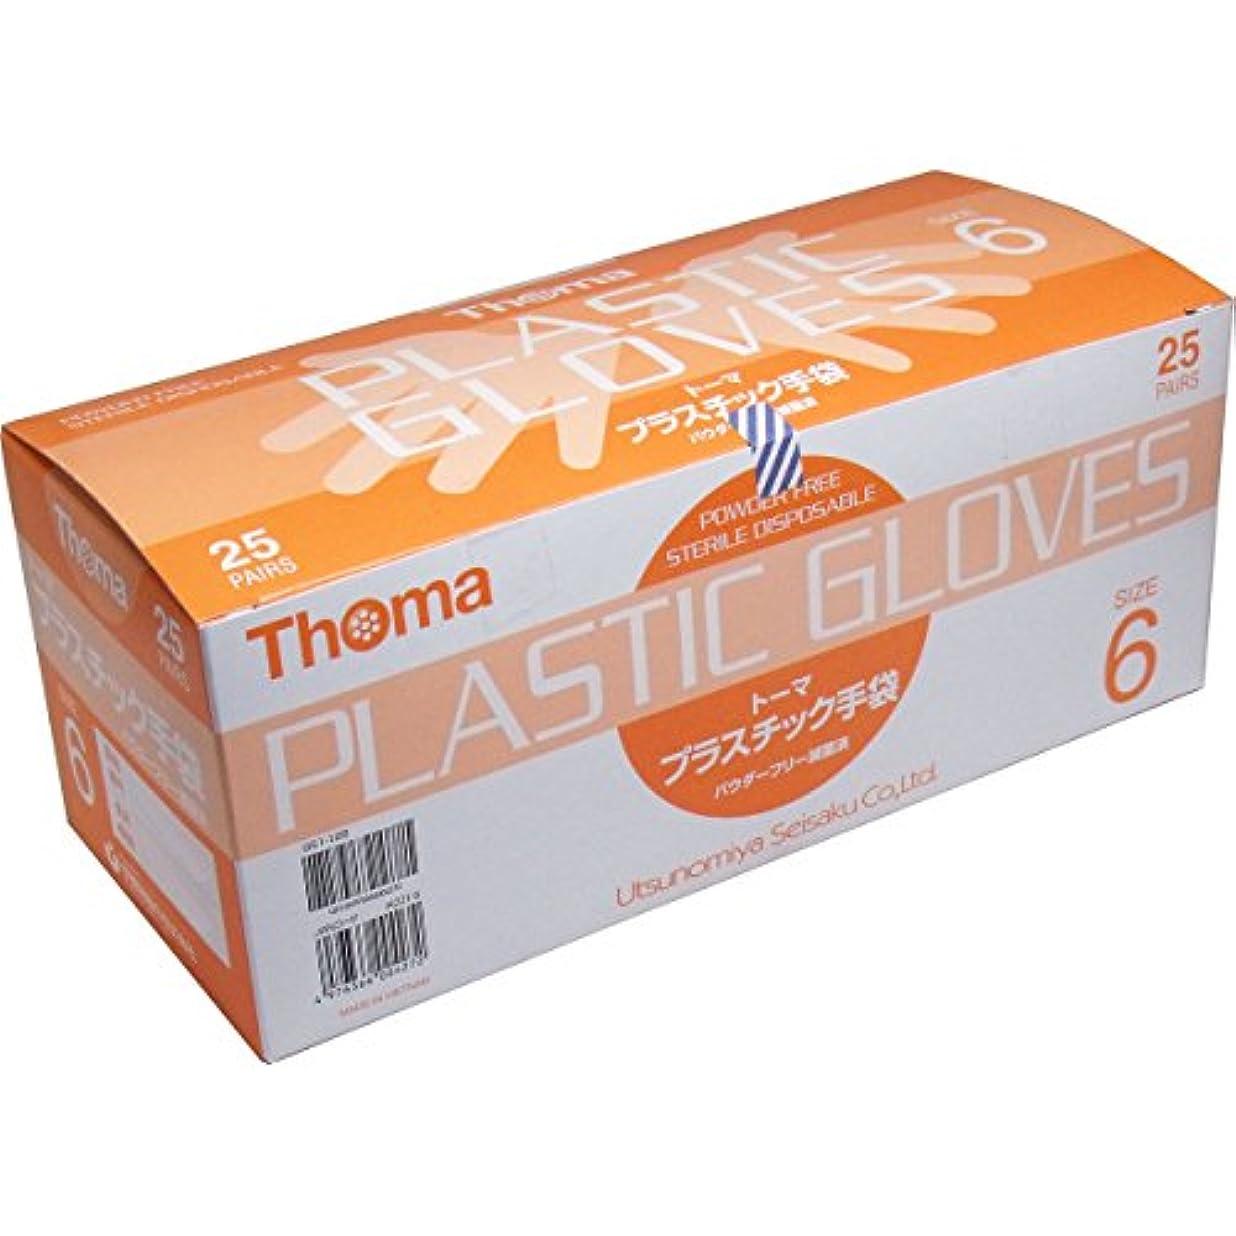 インペリアル逆説保存超薄手プラスチック手袋 超薄手仕上げ 使いやすい トーマ プラスチック手袋 パウダーフリー滅菌済 25双入 サイズ6【5個セット】